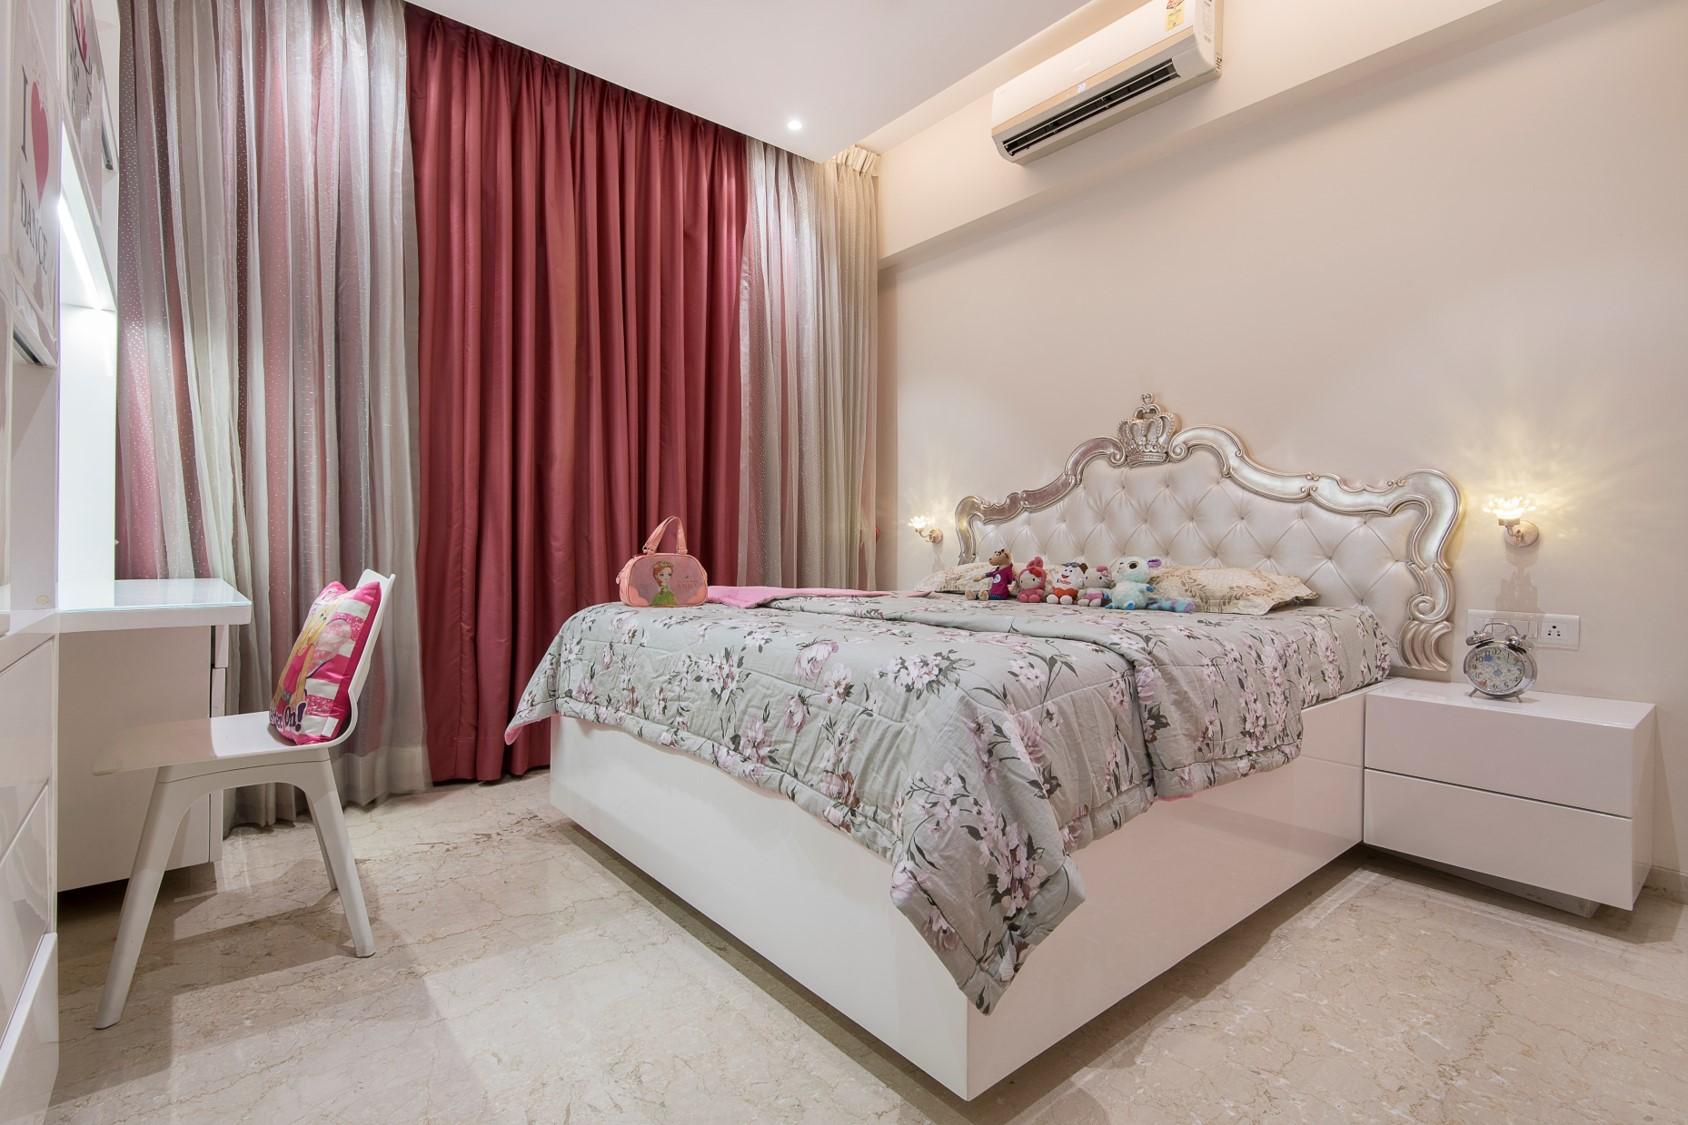 2 DAUGHTERS BEDROOM 1 (1)